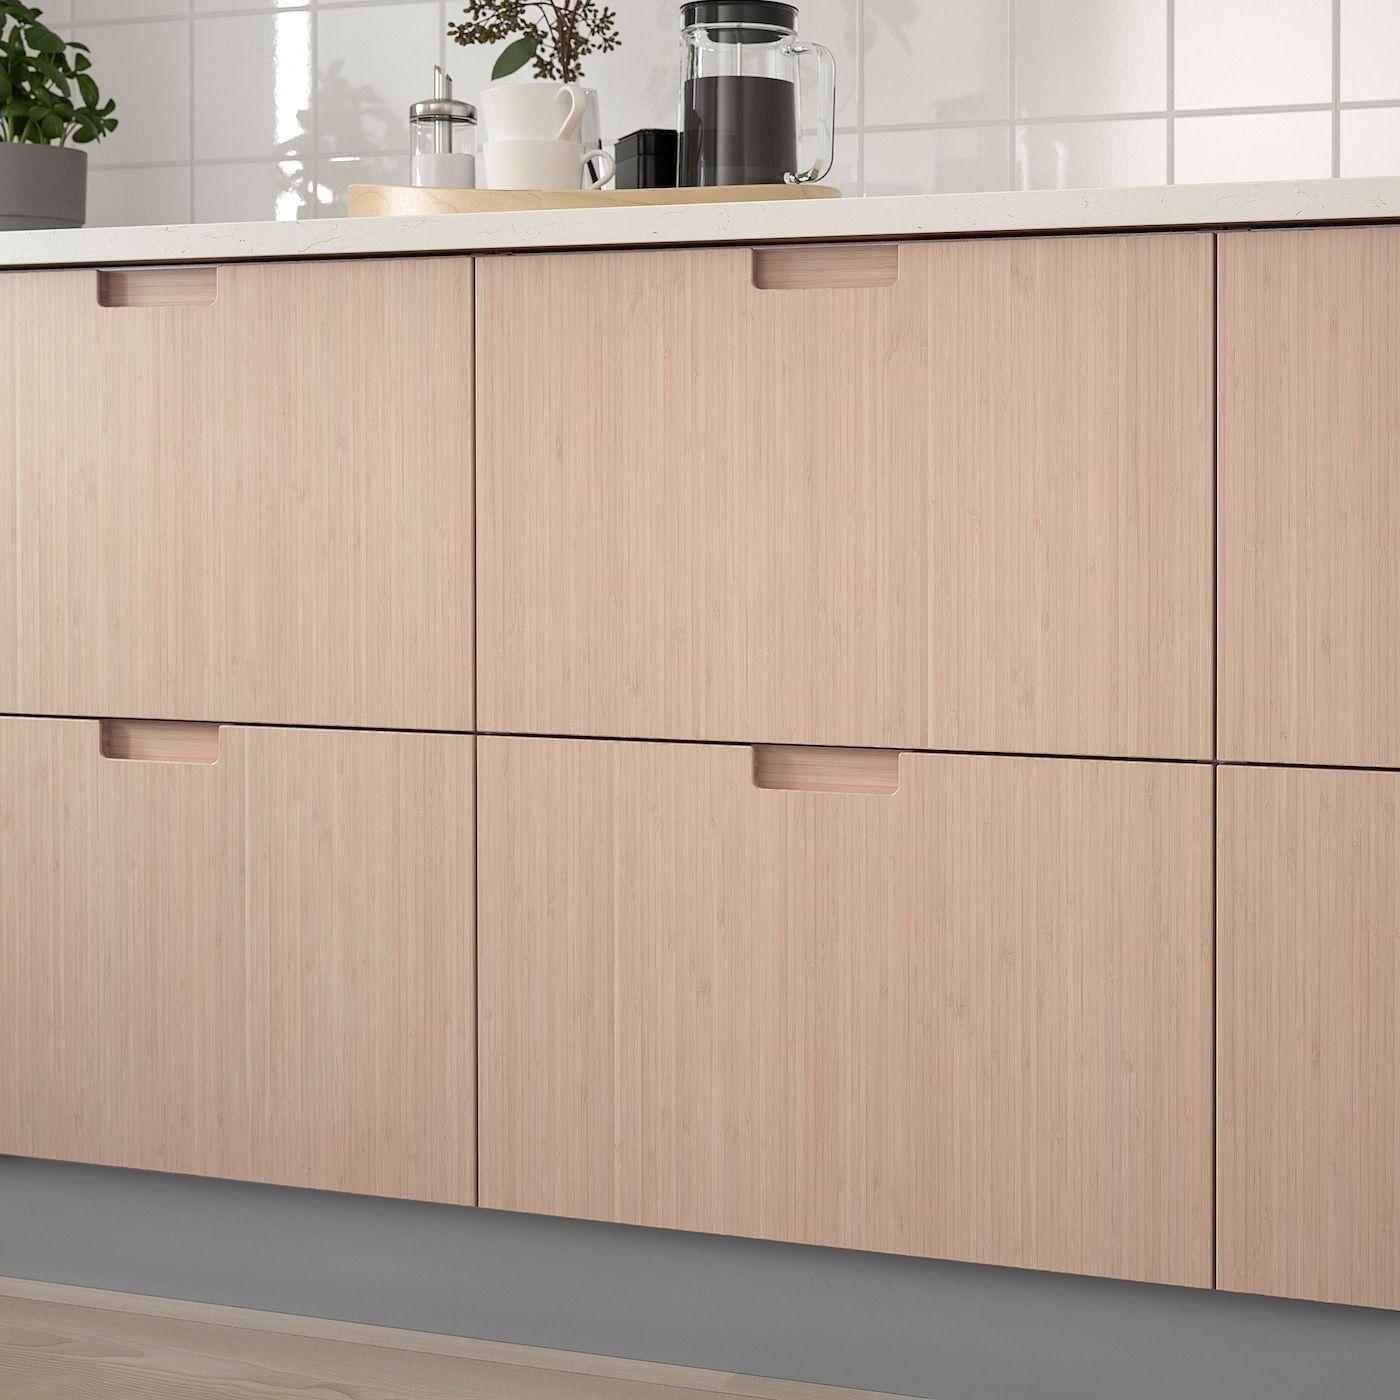 Frojered Facade De Tiroir Bambou Clair 30x10 76x25 Cm Ikea En 2021 Ikea Bambou Tiroir